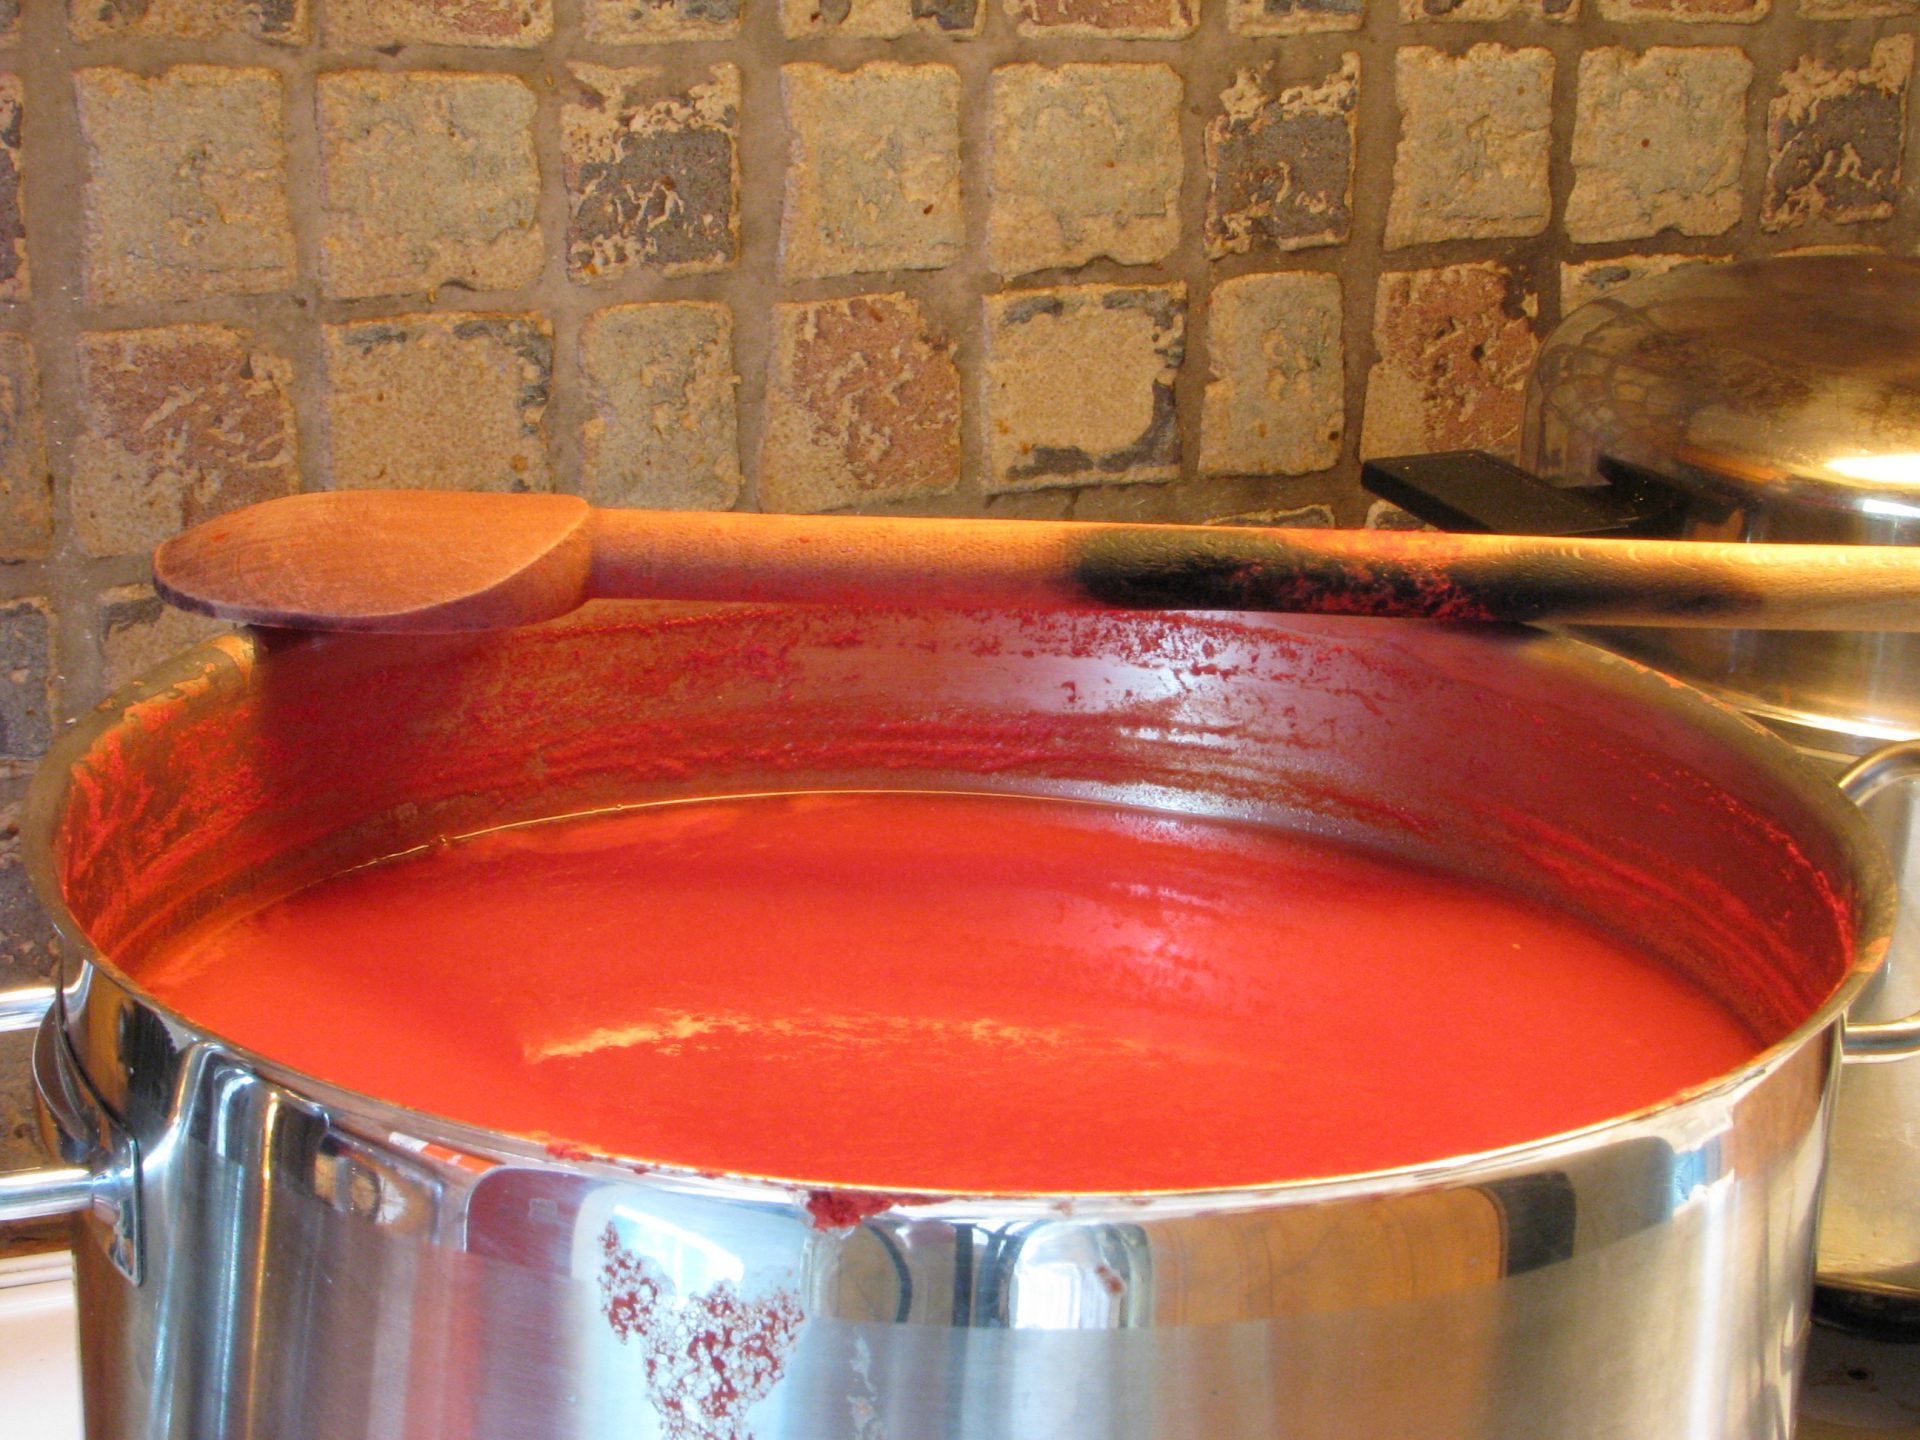 COULIS DE TOMATES EN CONSERVE La Cuisine De Michel - Ecumer cuisine